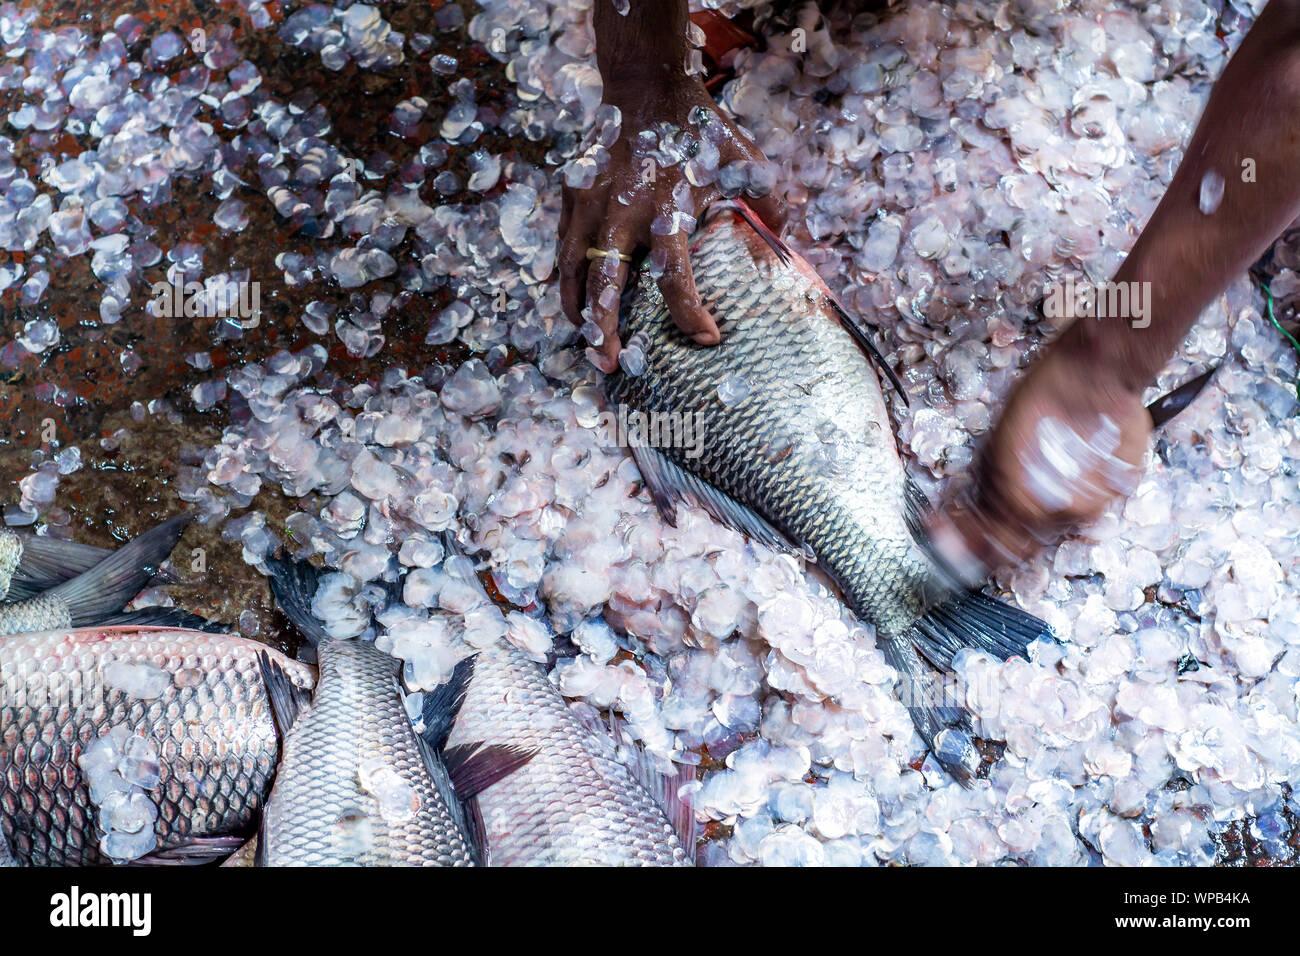 Nettoyage du poisson pêcheur après avoir vendu du poisson au marché de poissons local au Bangladesh, le style de vie rural urbain de rue photo Bangladesh hilsha ilsha padma Banque D'Images